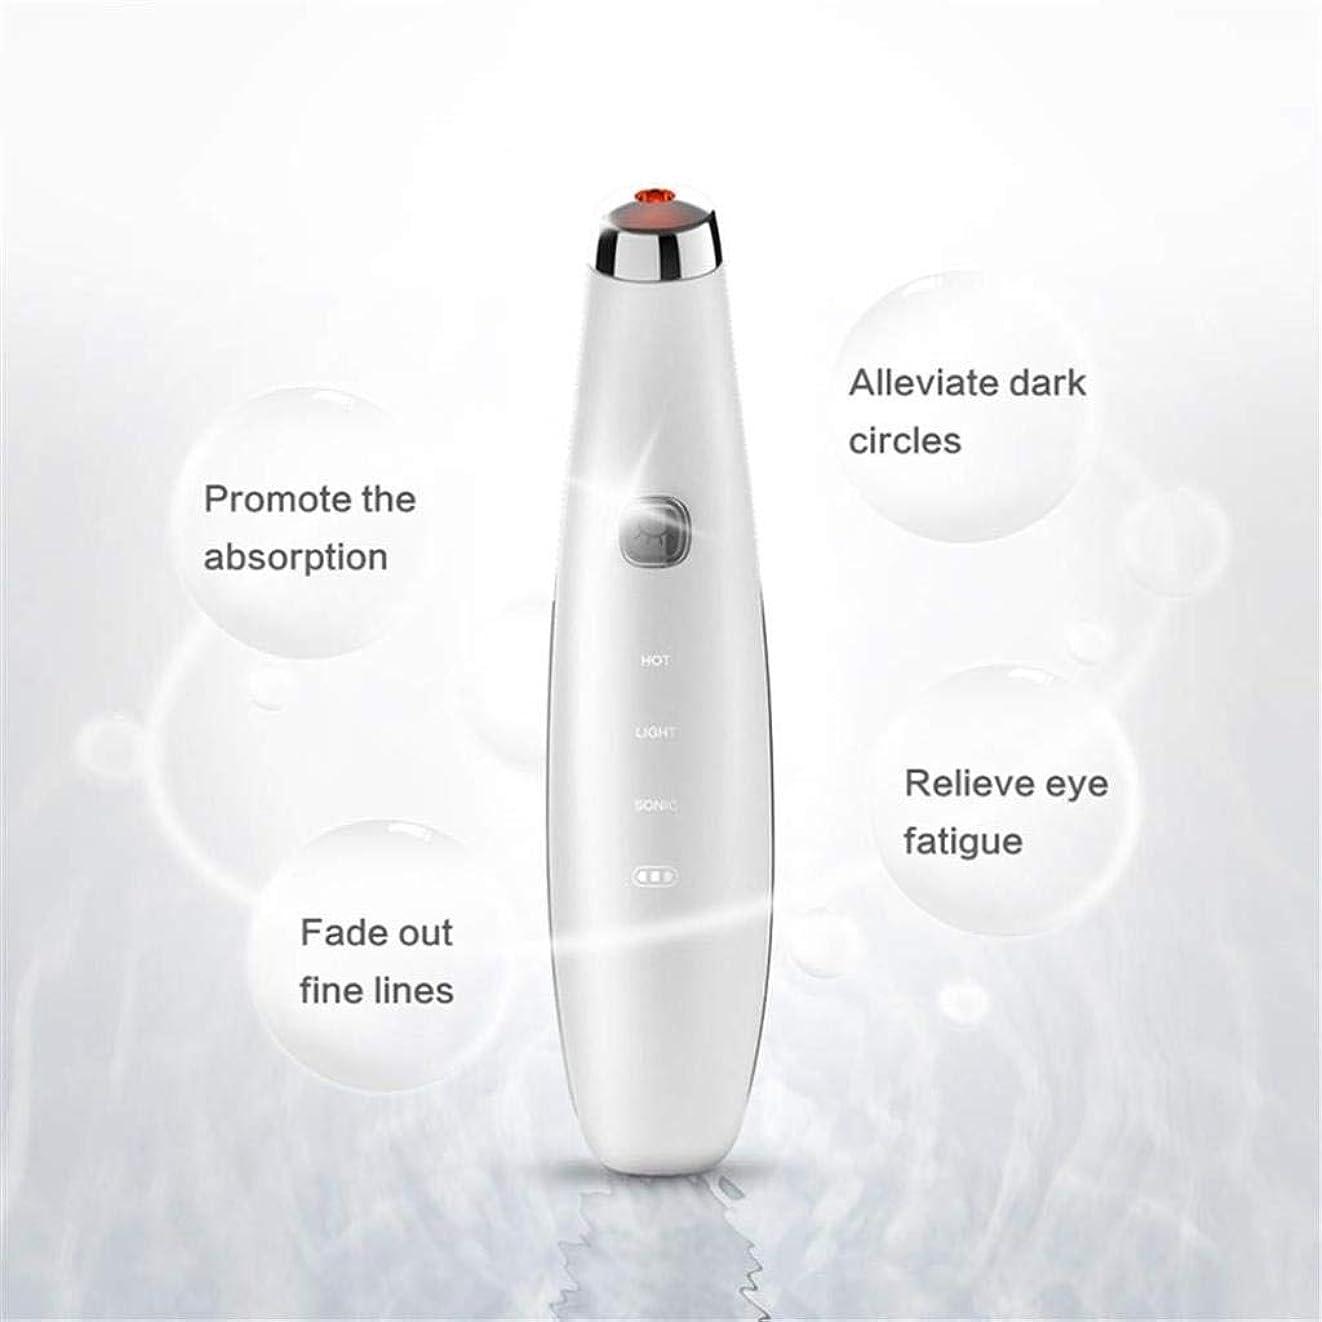 服下線目指すアイマッサージャー、磁気アンチエイジングフェイシャルマッサージ、42°恒温熱処理、肌を引き締め、ダークサークルを改善し、目の下の袋、鈍い肌